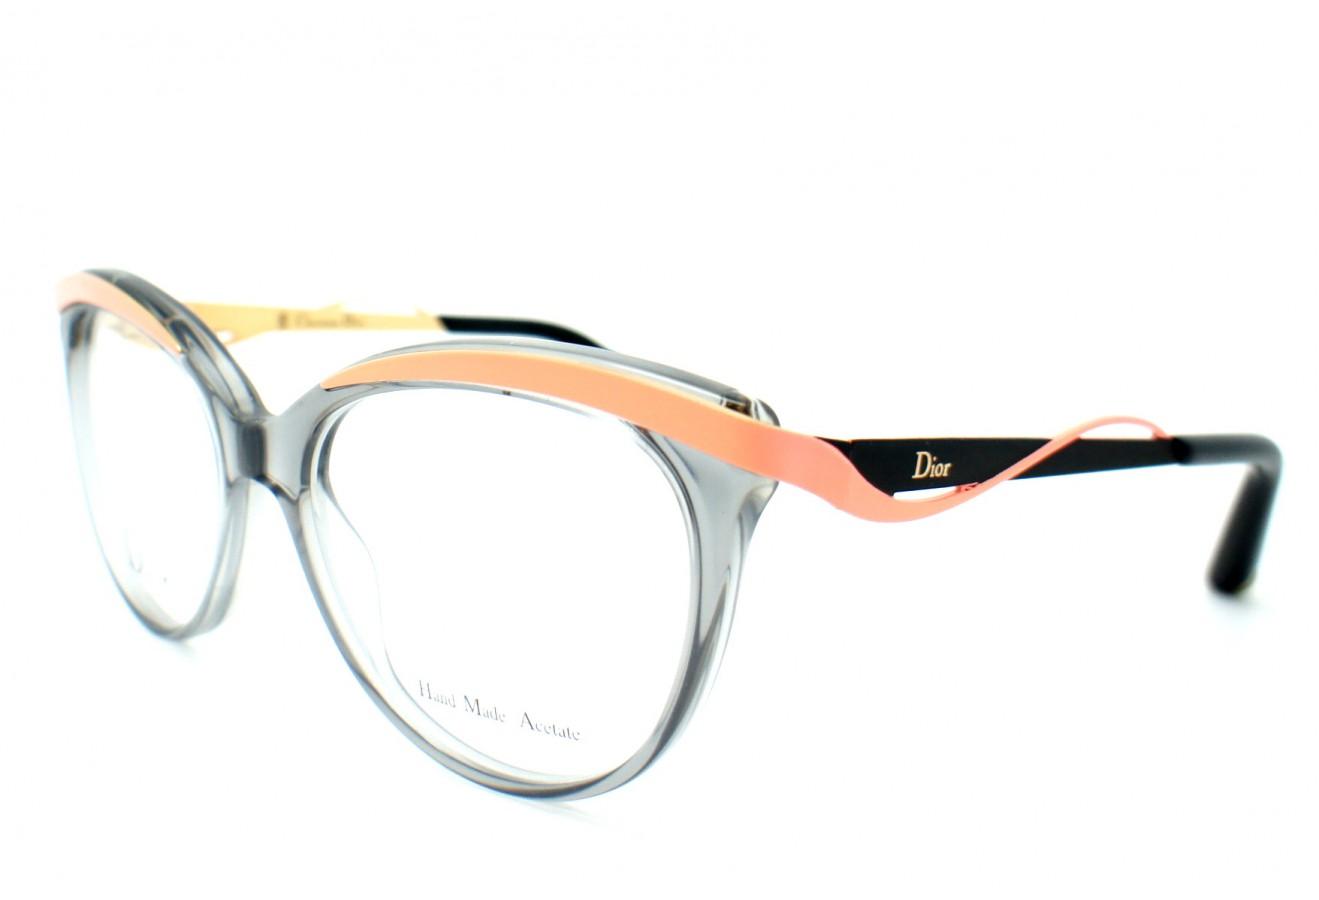 lunettes de vue dior cd 3279 8le 51 16. Black Bedroom Furniture Sets. Home Design Ideas